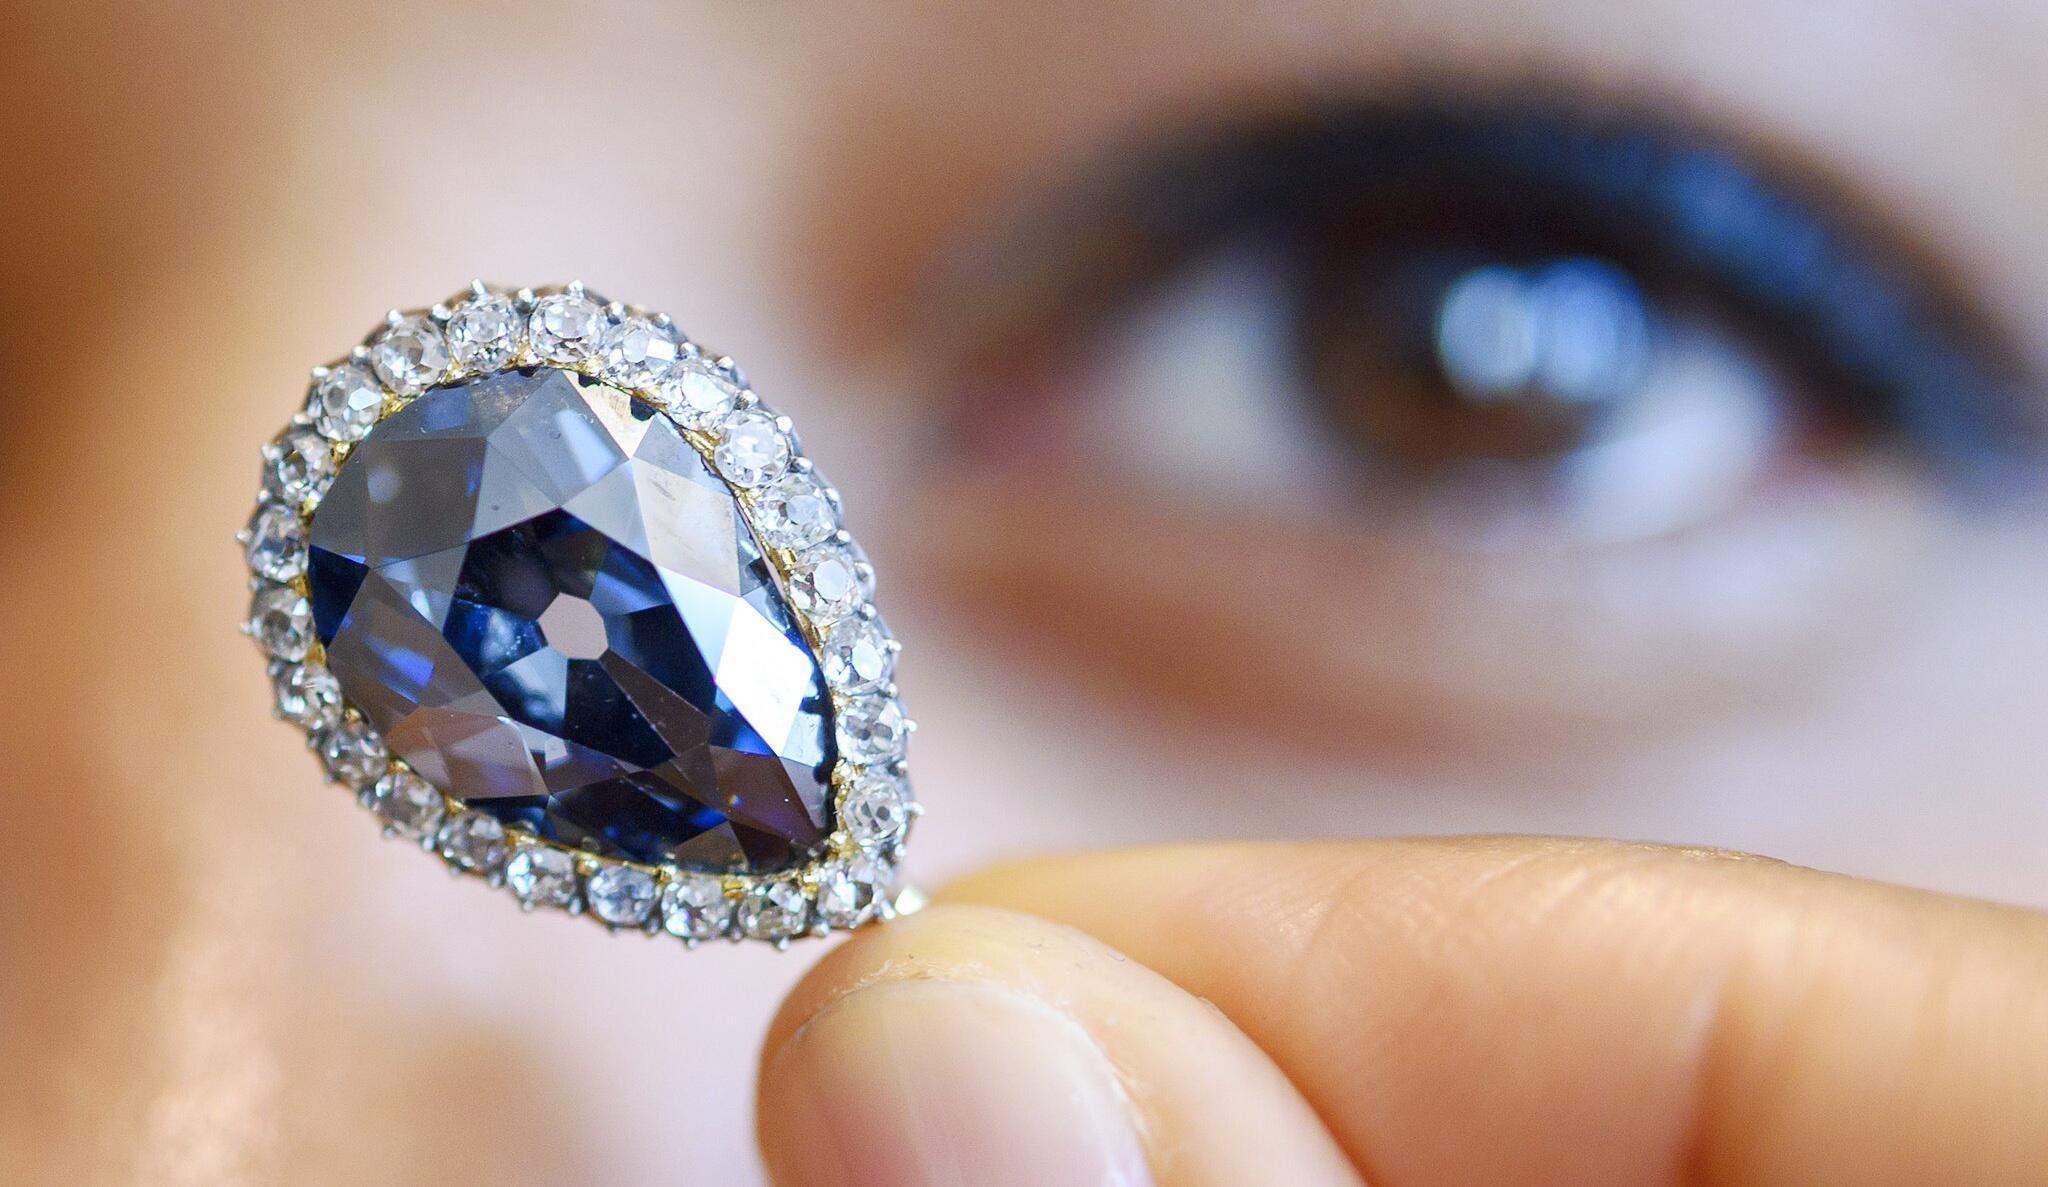 Bild zu Juwelenversteigerung in Genf